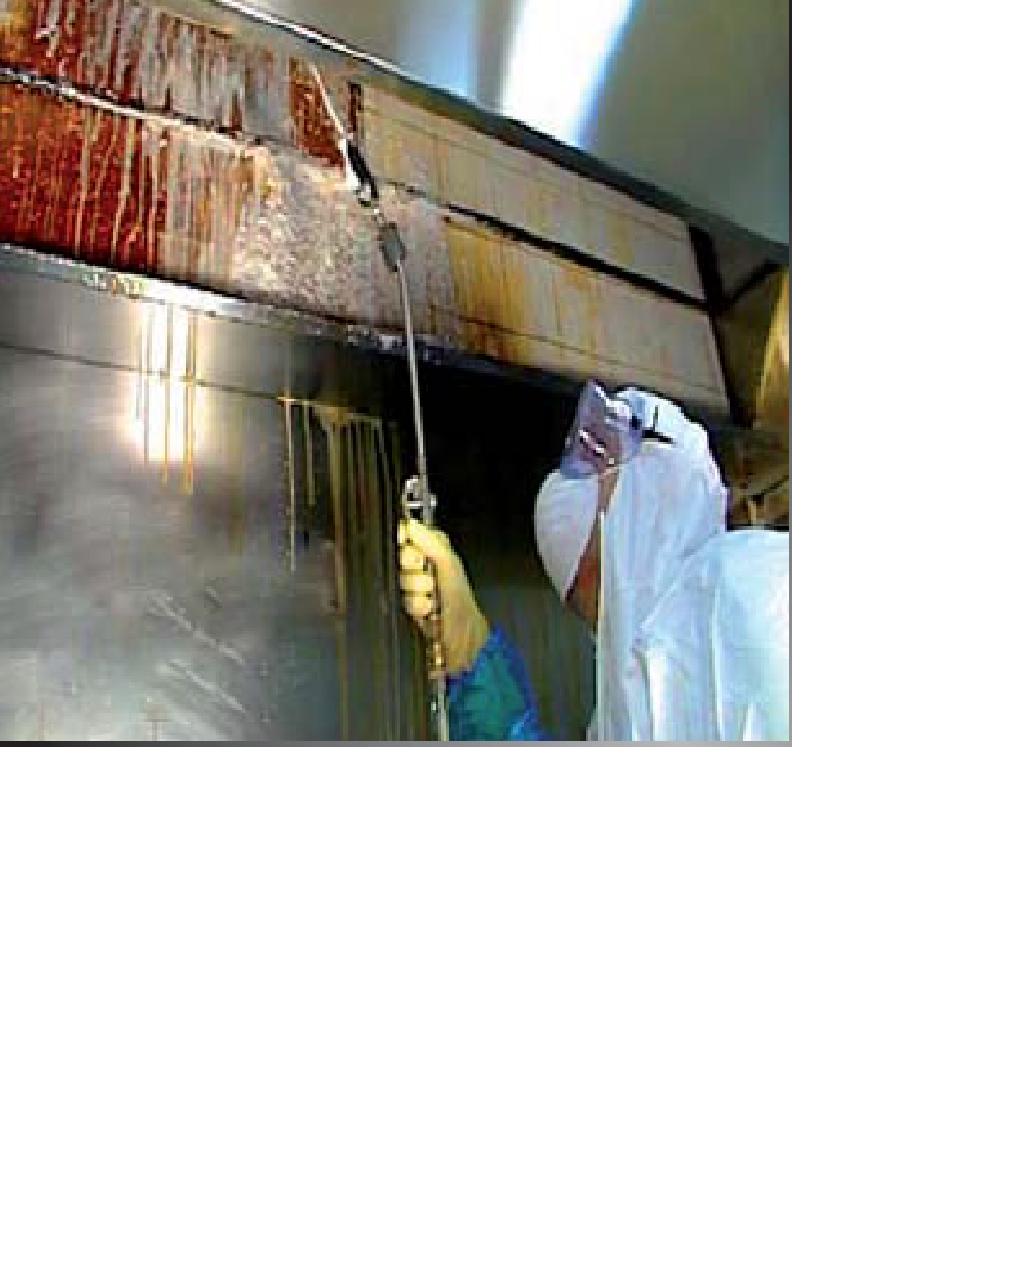 Limpieza de campanas extractoras good limpieza de - Limpiar campana extractora ...